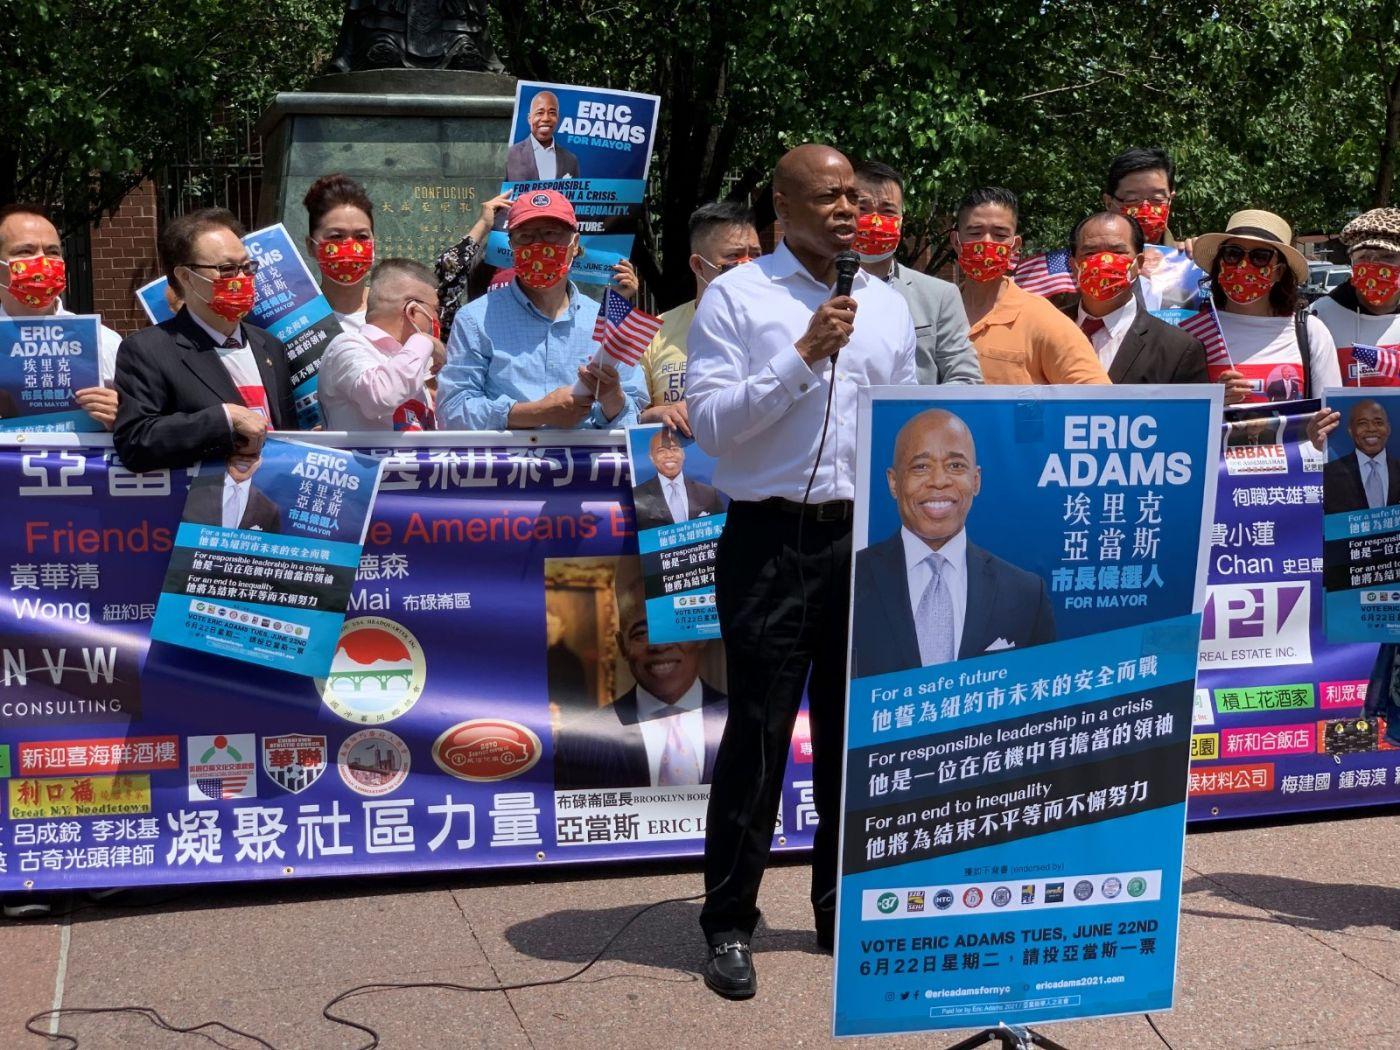 高娓娓:纽约市长竞选人亚当斯拜访唐人街社区民众_图1-7